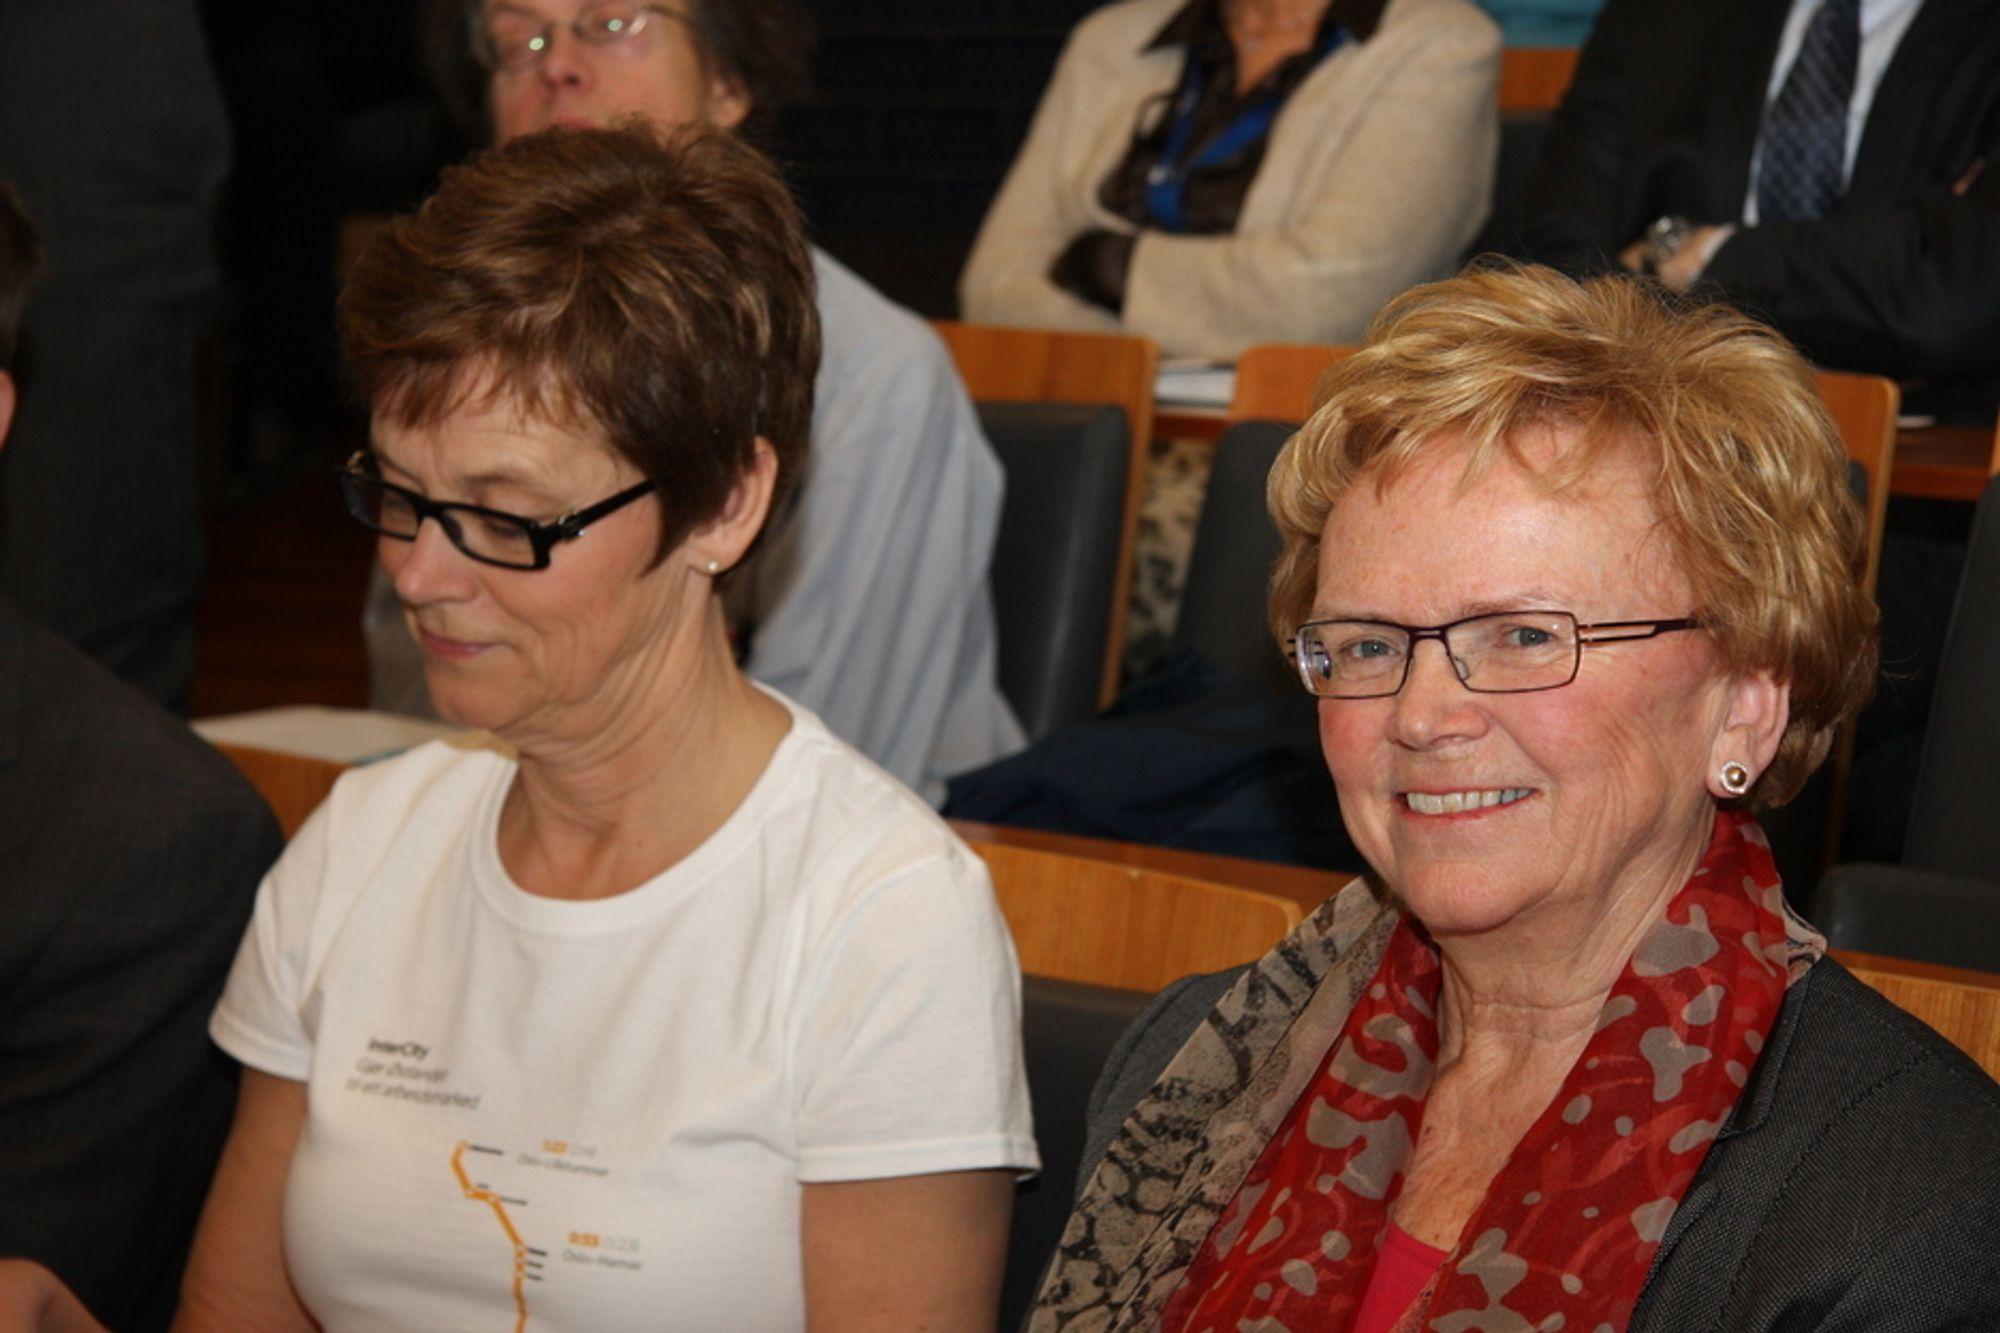 GLAD KLEPPA: Jernbaneverkets direktør Elisabeth Enger (til venstre) og samferdselsminister Magnhild Meltveit Kleppa fulgte spent med på presentasjonen av konseptvalgutredningen for IC-strekningene i dag.